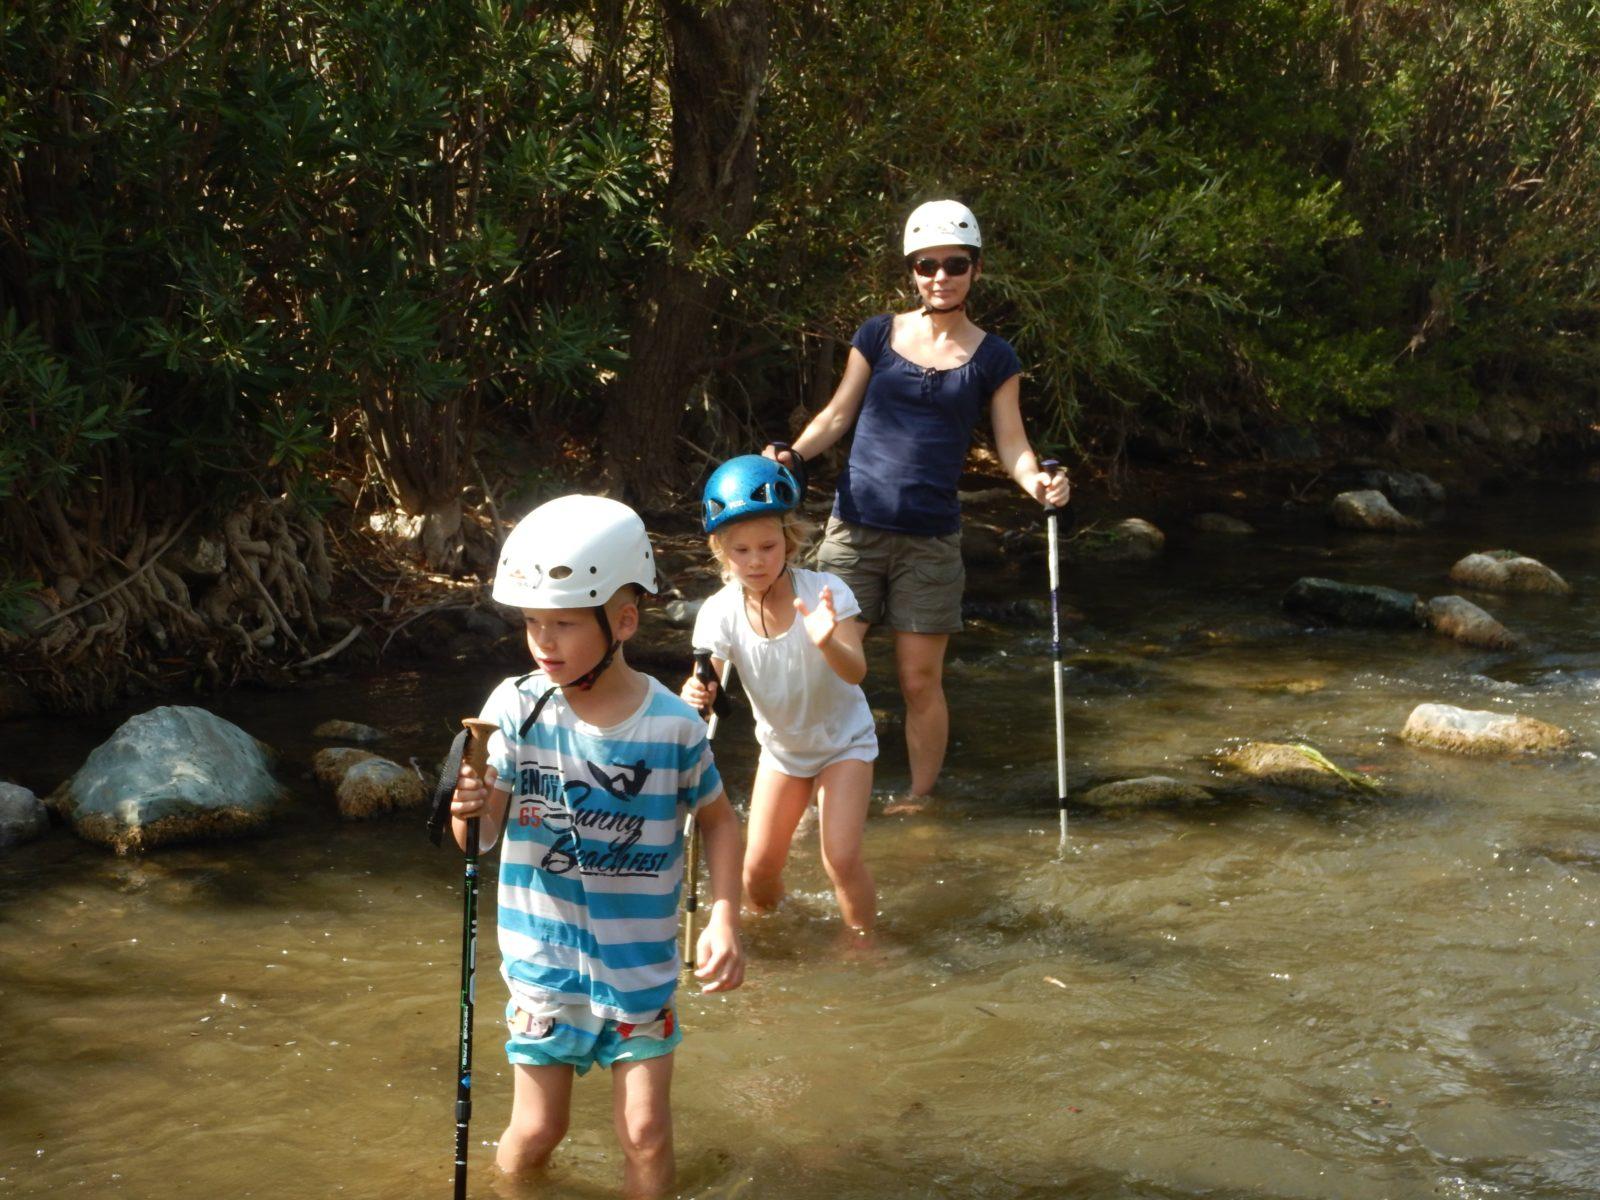 Crete kids love greece river trekking outdoor family adventure Rethymno activities